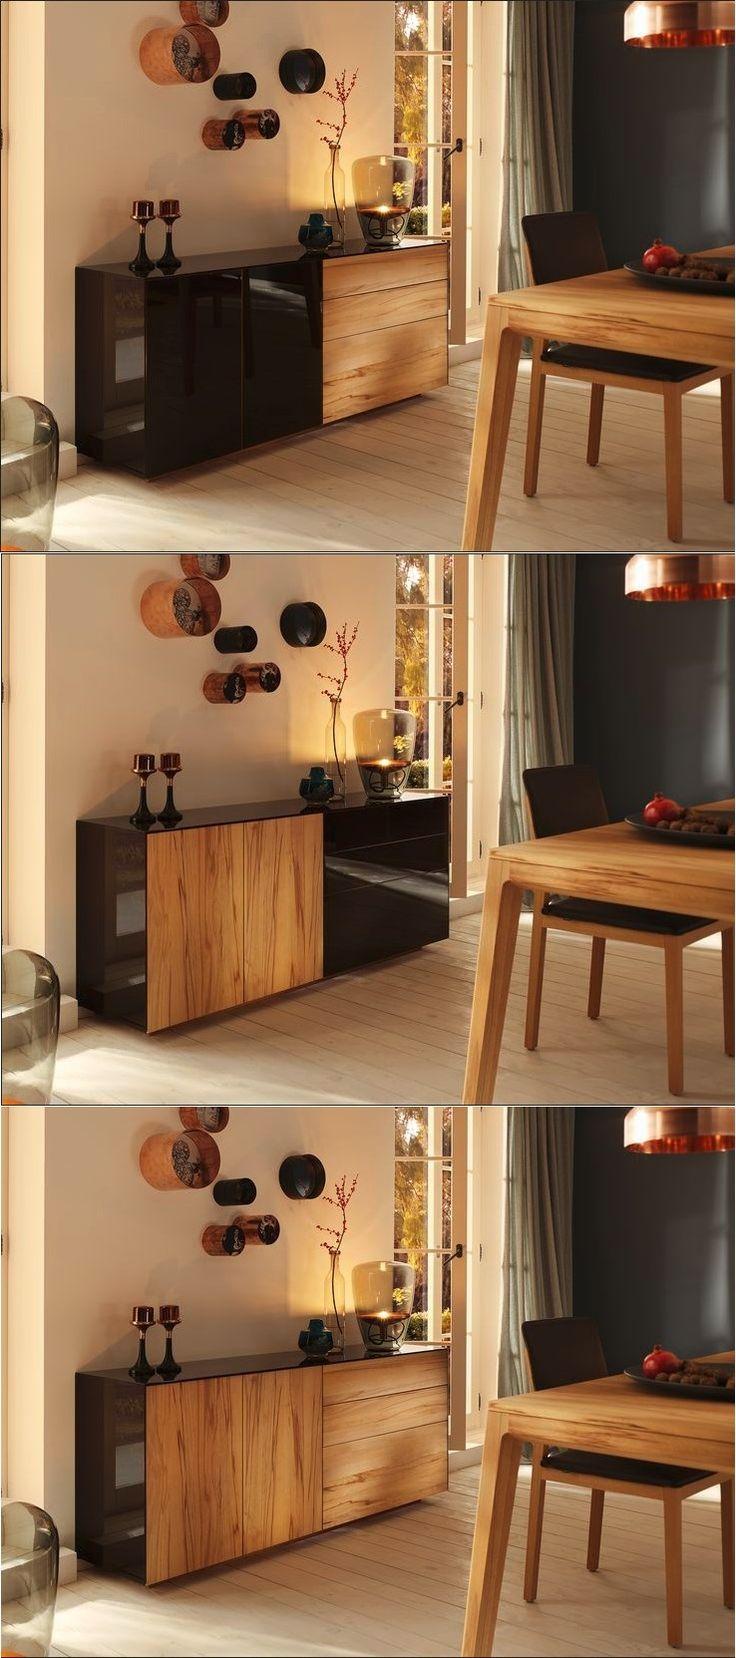 cubus pure sideboard with drawers team 7 natrlich wohnen design by sebastian desch